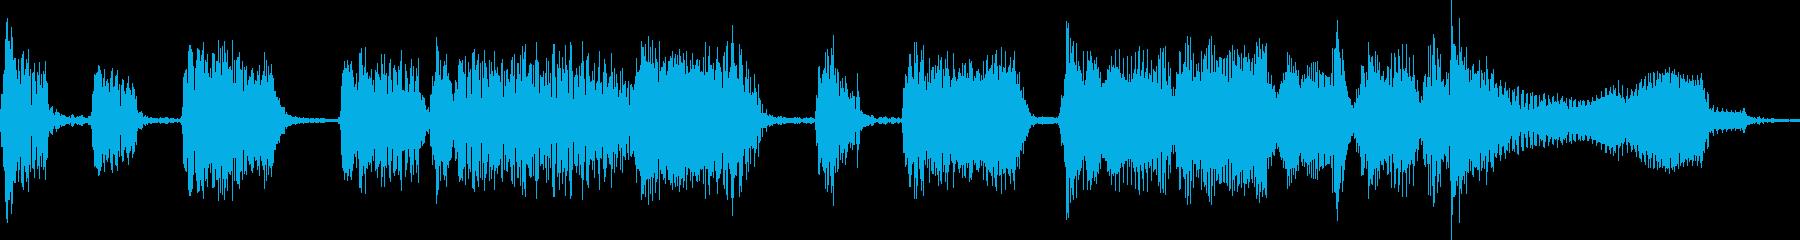 サックスのシンプルなジャズジングルの再生済みの波形